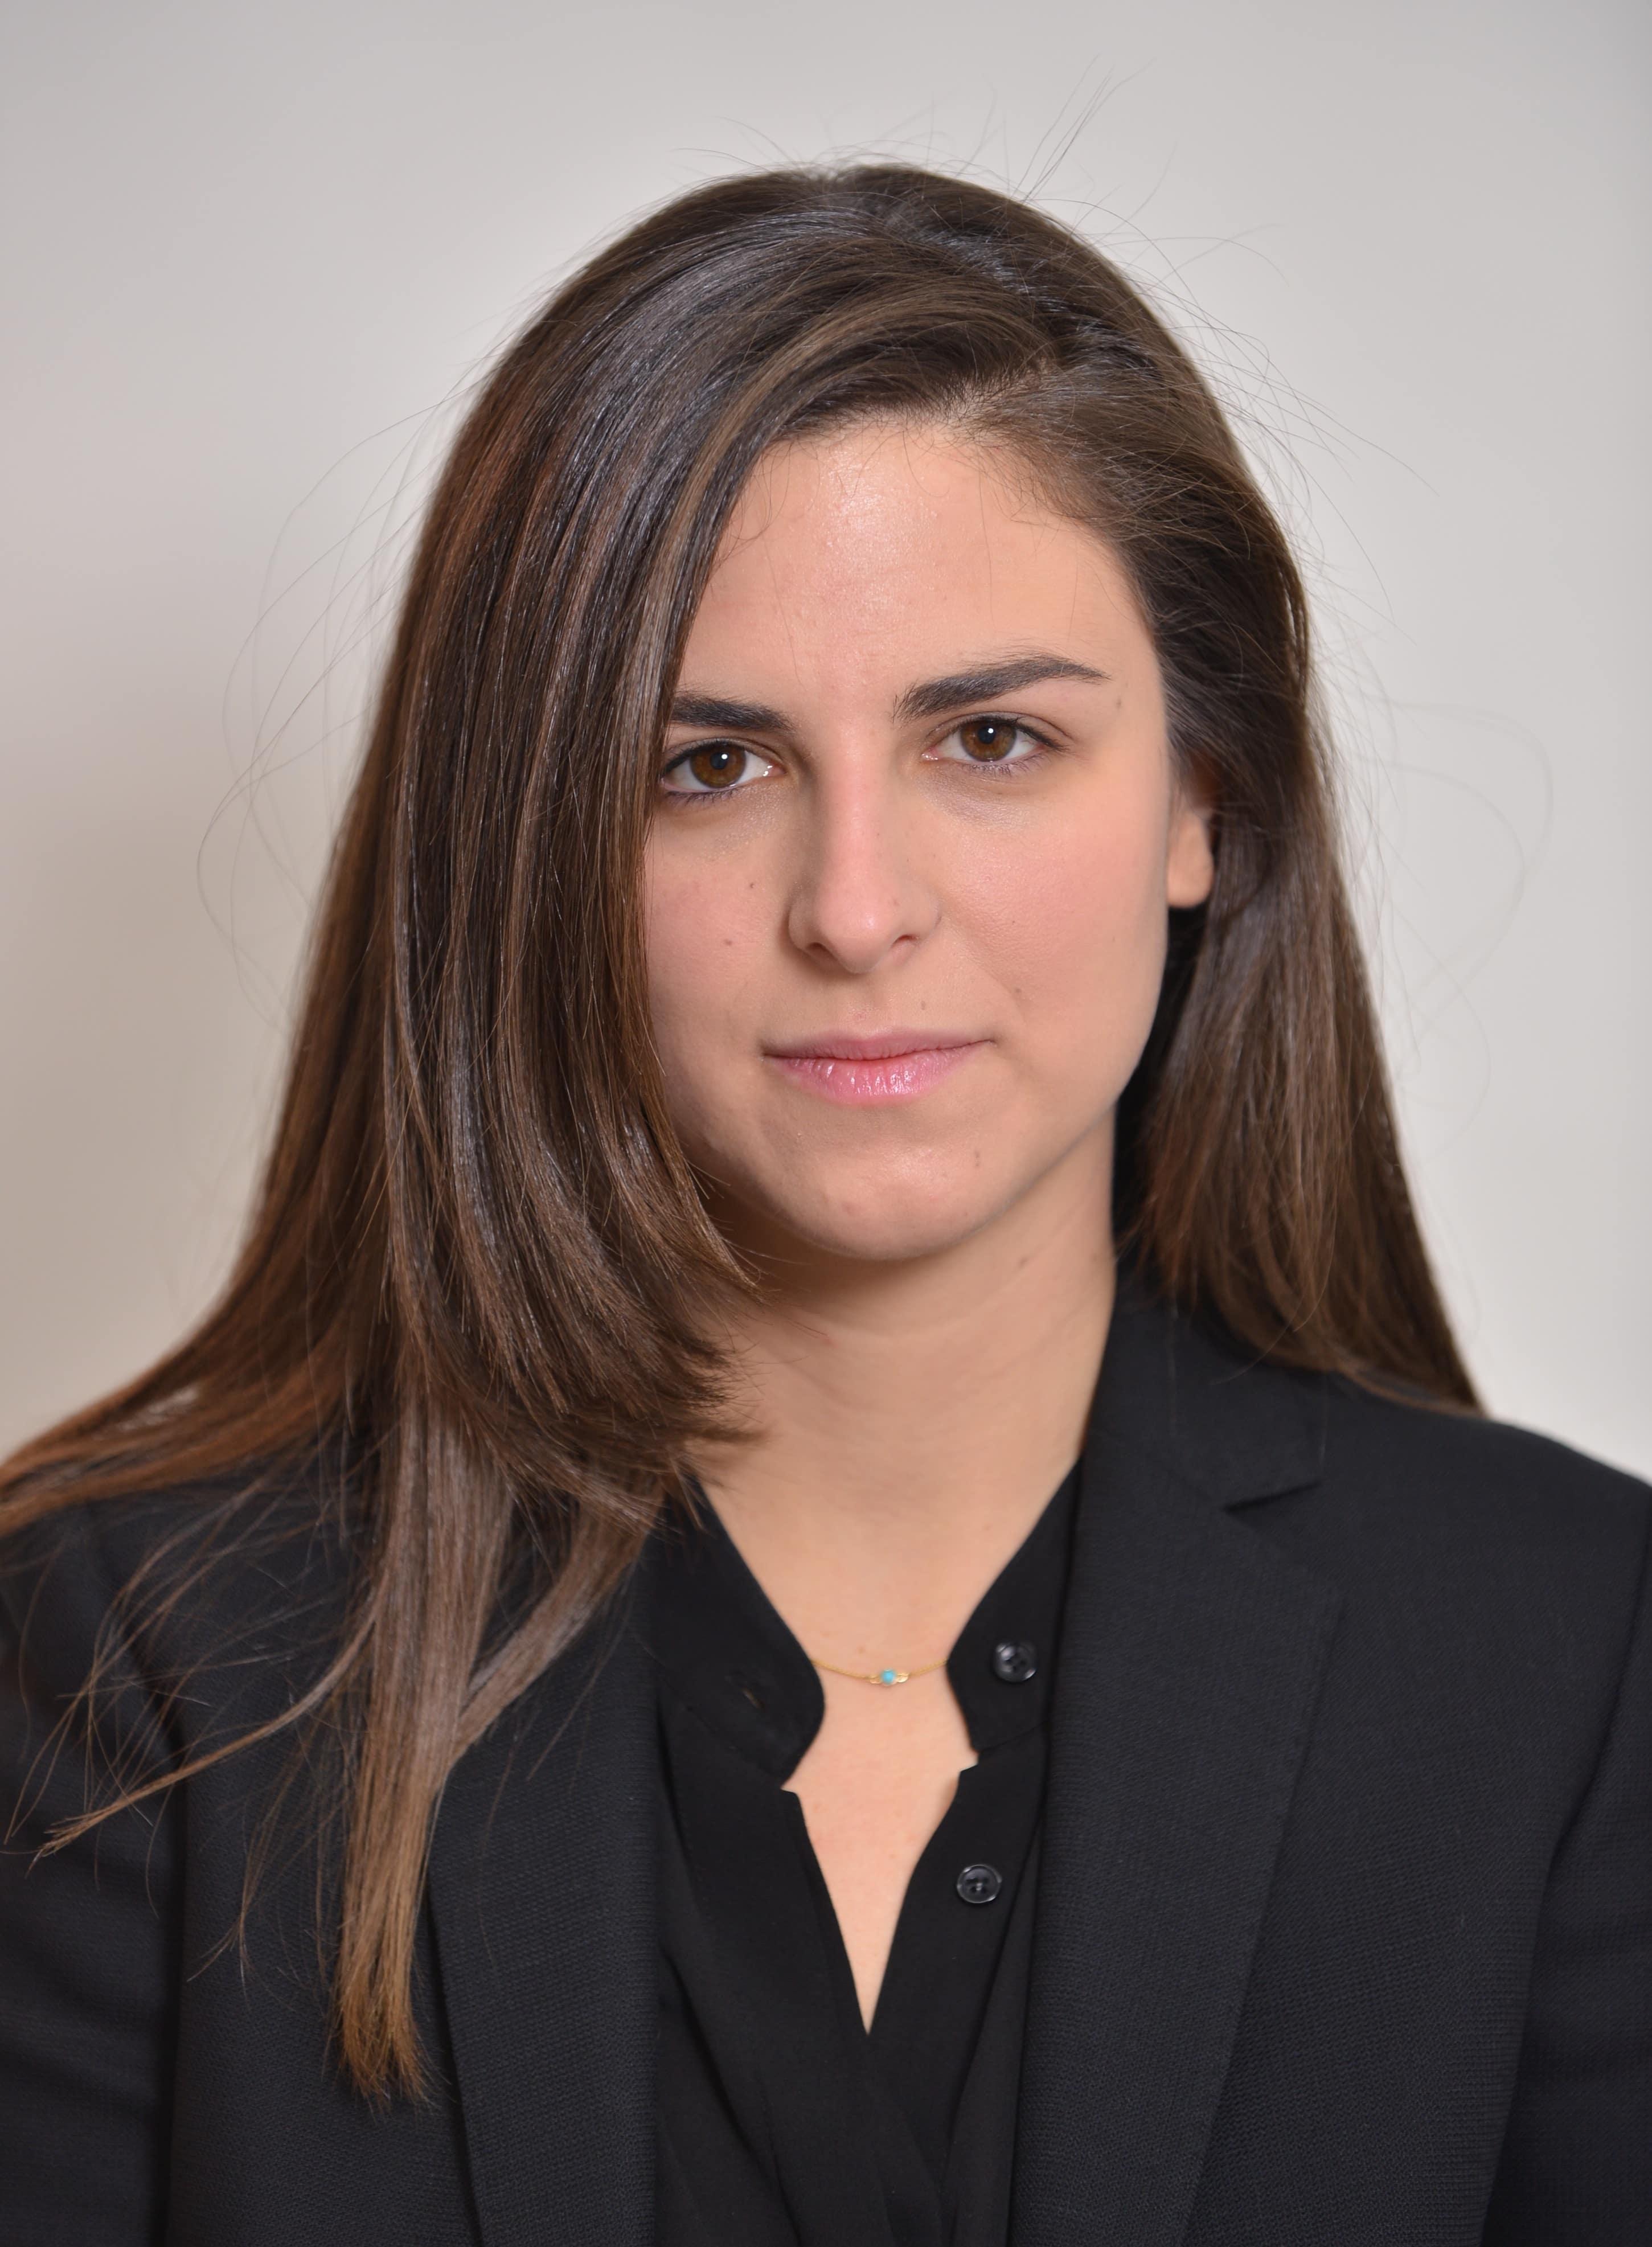 Margarita Agriantoni